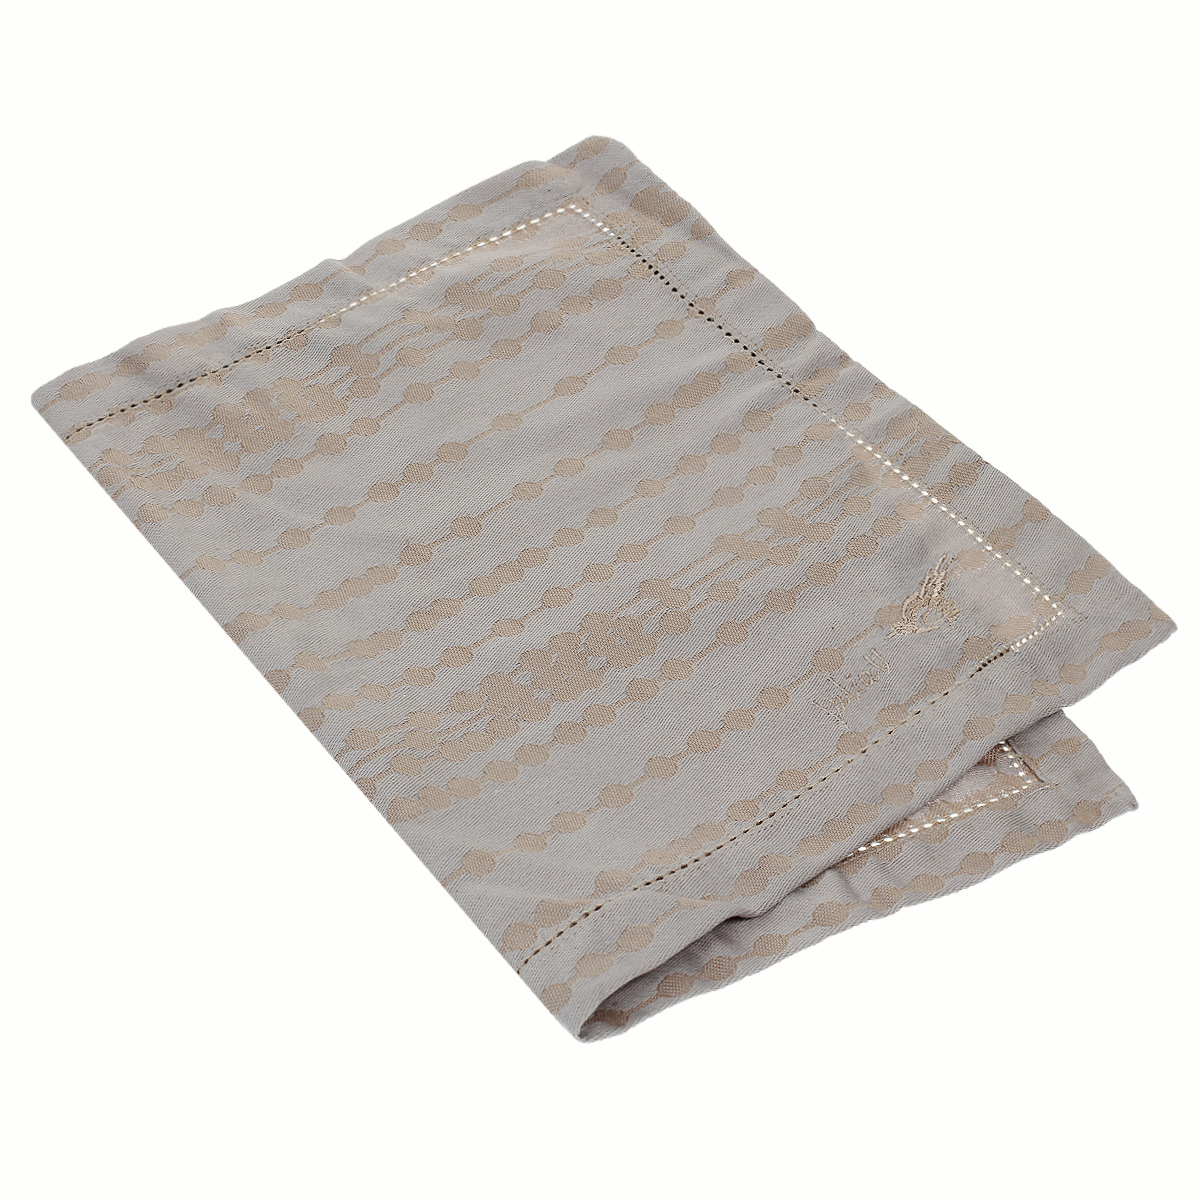 Подставка под горячее Julia Vysotskaya, жаккардовая, цвет: бежевый, 33 см х 48 см. 2014-342014-34Подставка под горячее Julia Vysotskaya, выполненная из жаккарда, идеально впишется в интерьер современной кухни. Изделия из жаккарда уже давно стали известны всему миру не только своей прочностью и износостойкостью, но и элегантным, благородным внешним видом. Такой материал прослужит Вам не один десяток лет. Изделия имеют тефлоновое покрытие, можно поставить даже раскаленную сковороду и изделие останется целым. На всех изделиях коллекции есть не только логотип Julia Vysotskaya, но и сорока, которая является гербом поместья Юлии в Тоскане. Каждая хозяйка знает, что подставка под горячее - это незаменимый и очень полезный аксессуар на каждой кухне. Ваш стол будет не только украшен оригинальной подставкой с красивым рисунком, но и сбережен от воздействия высоких температур ваших кулинарных шедевров.